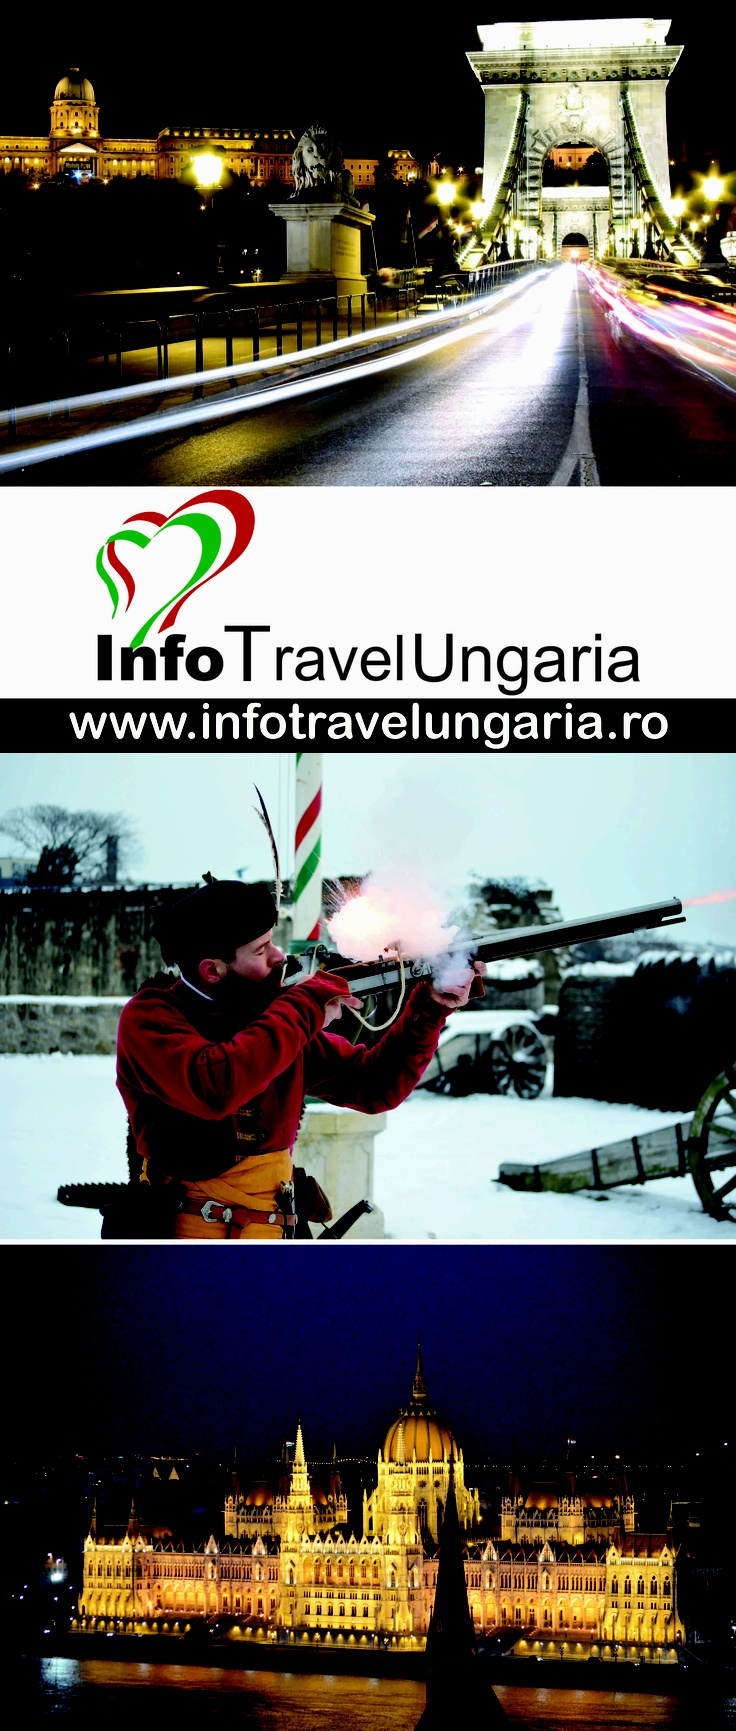 afis InfoTravelUngaria